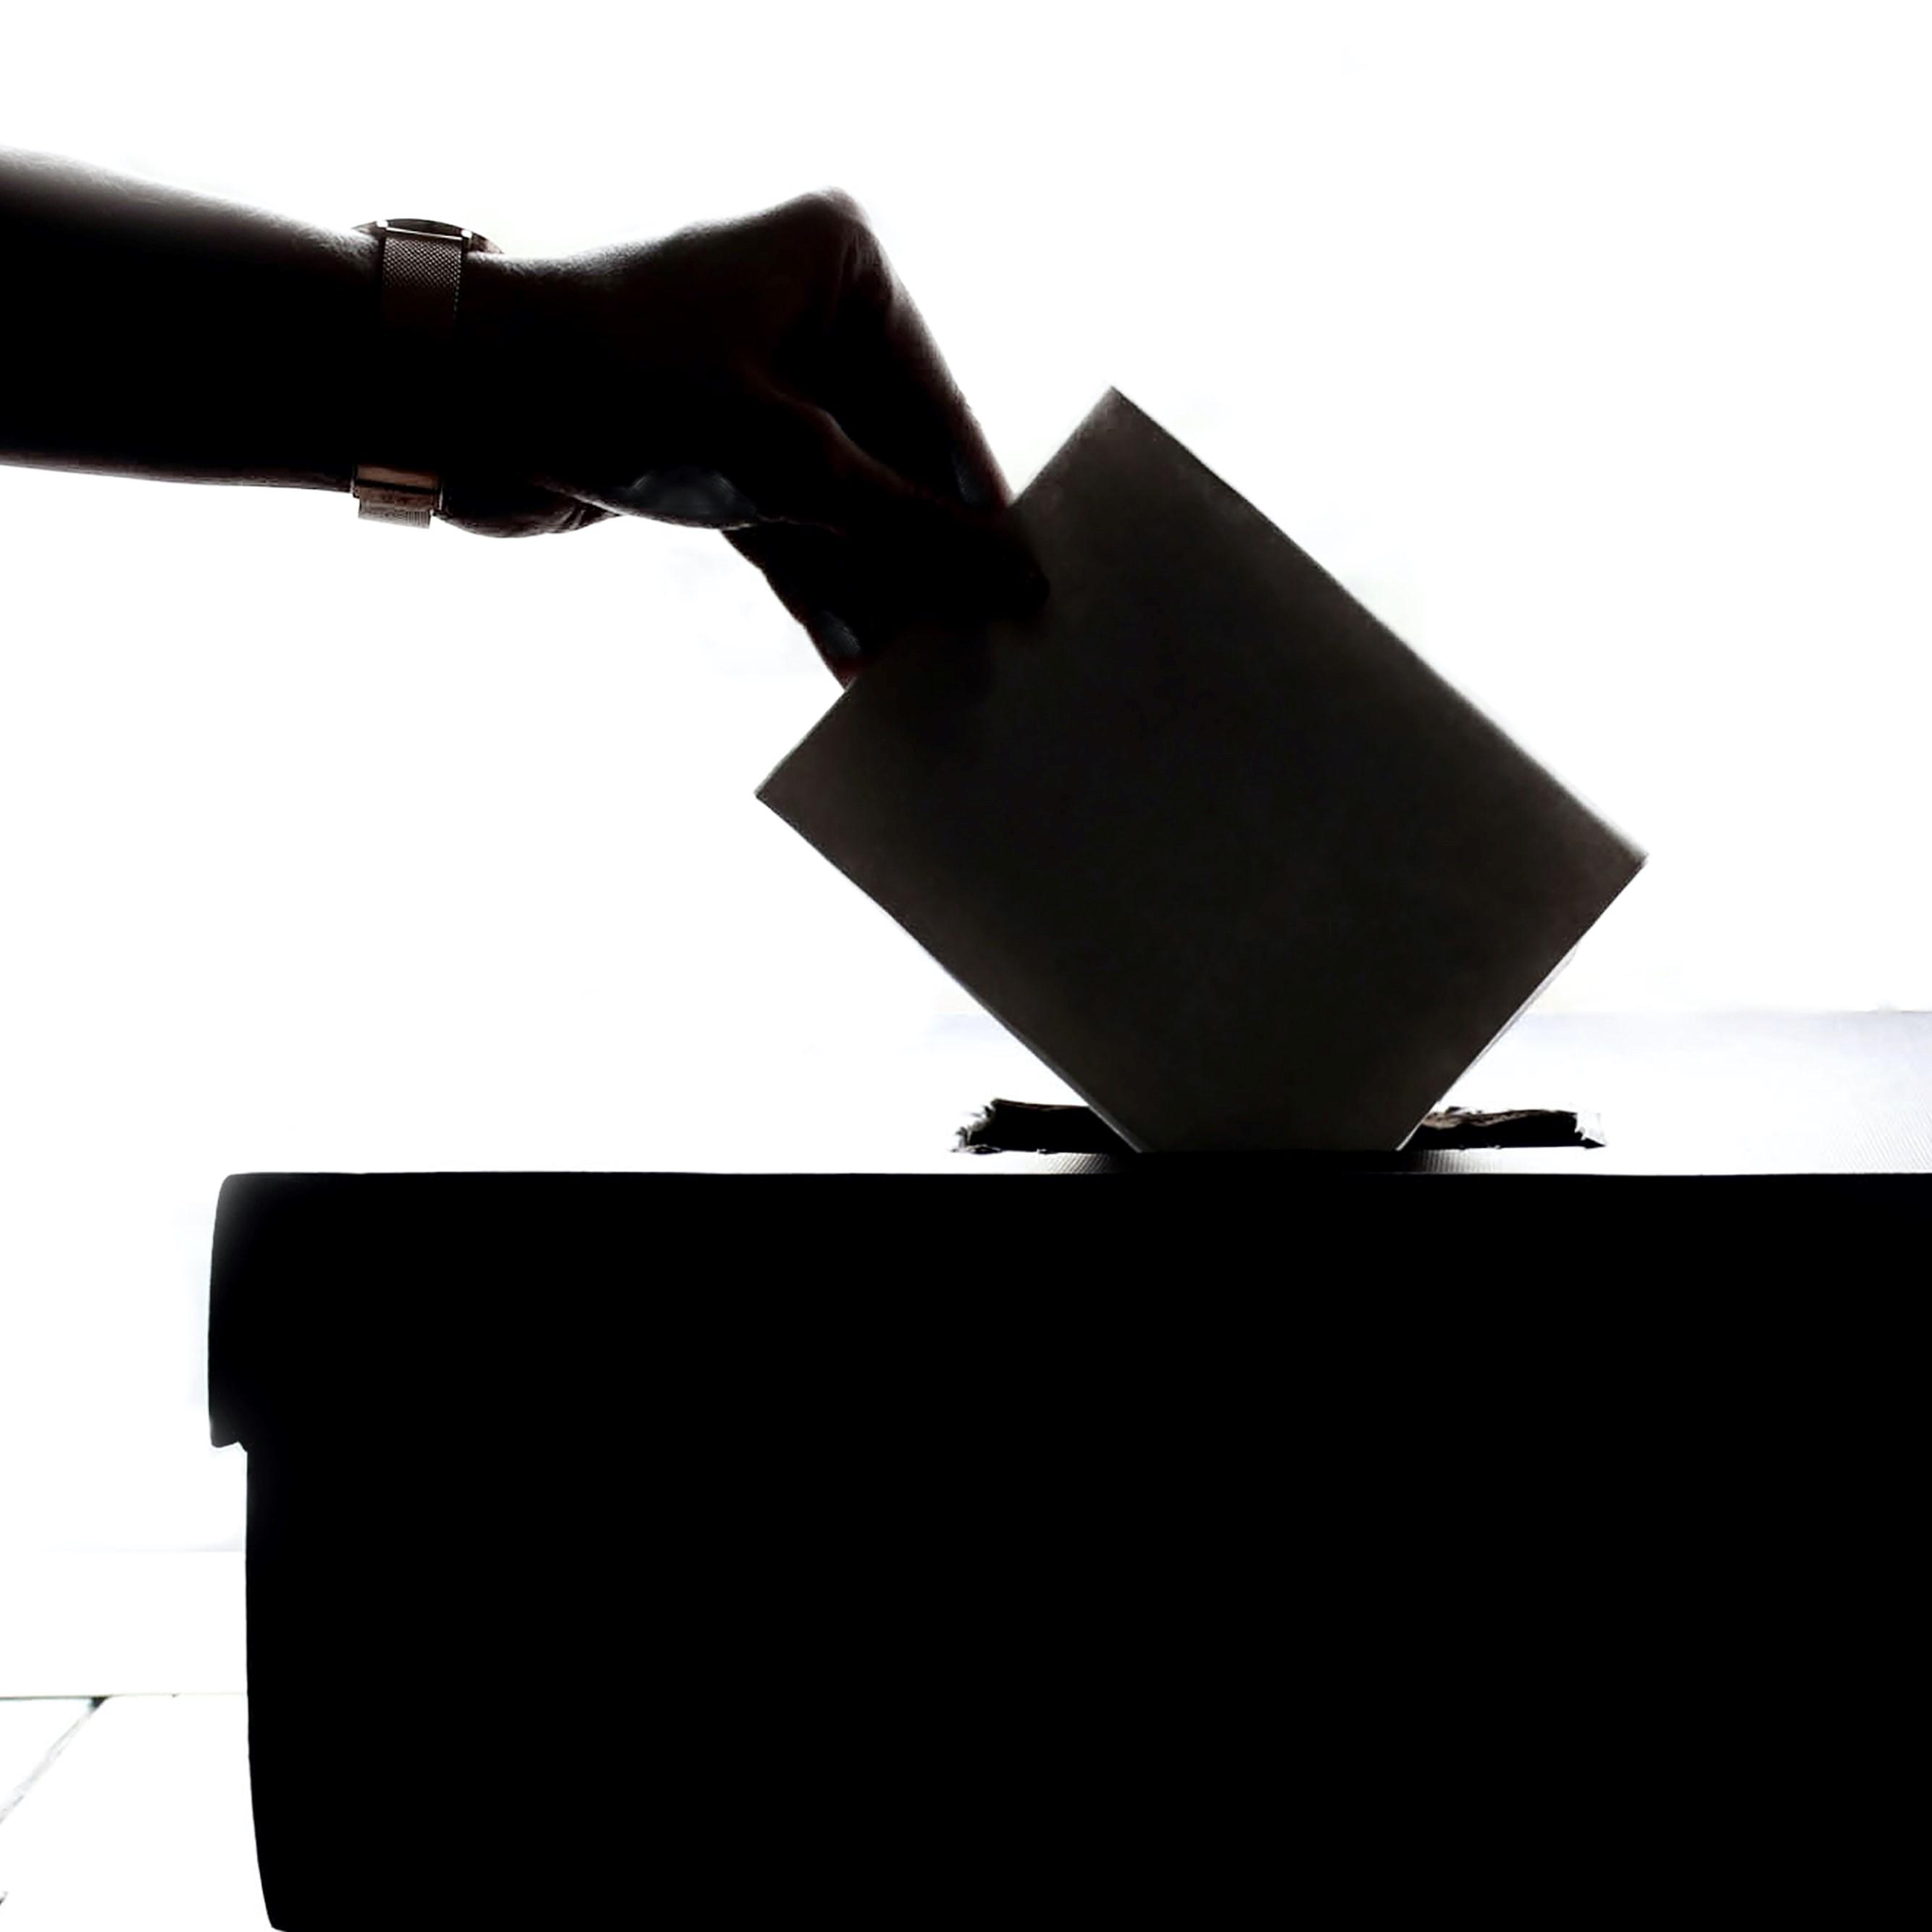 Image représentant la main d'un individu déposant un bulletin de vote dans une urne